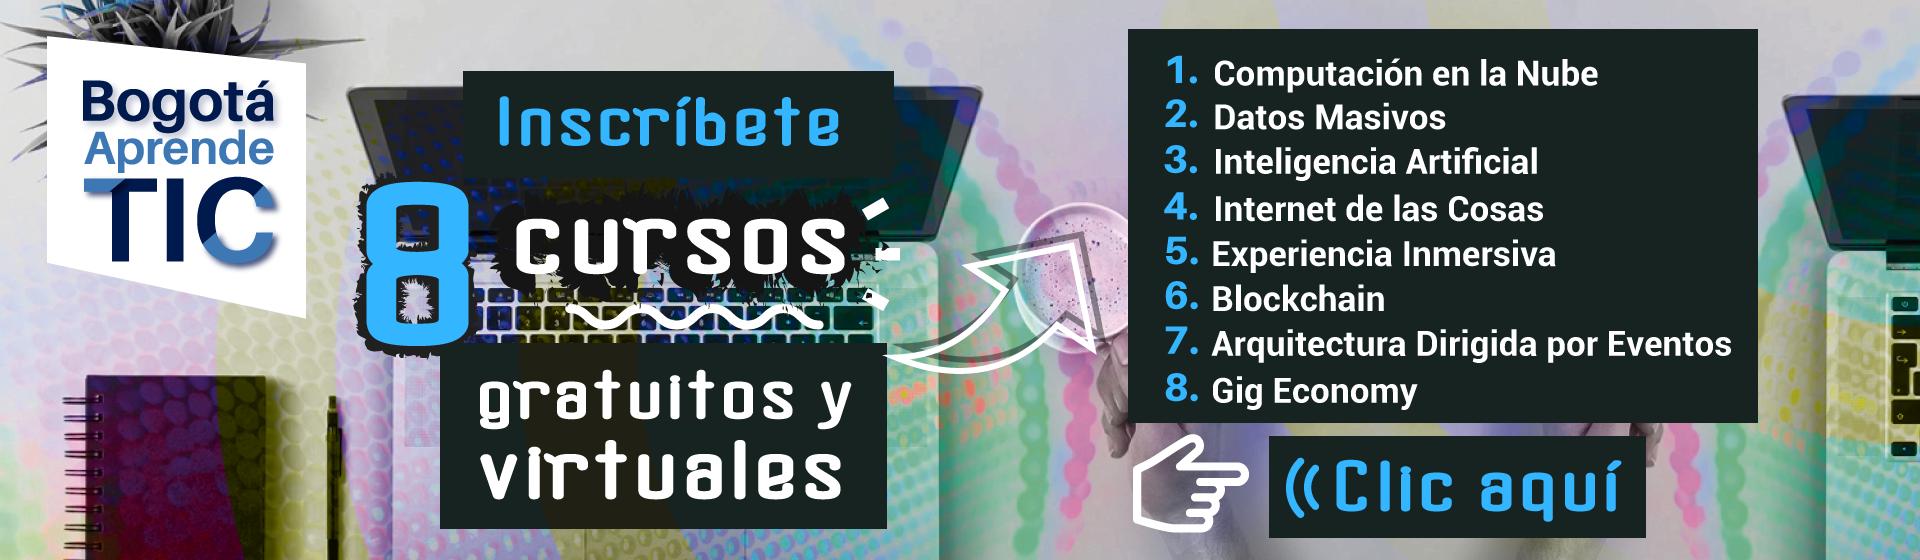 Bogotá Aprende TIC